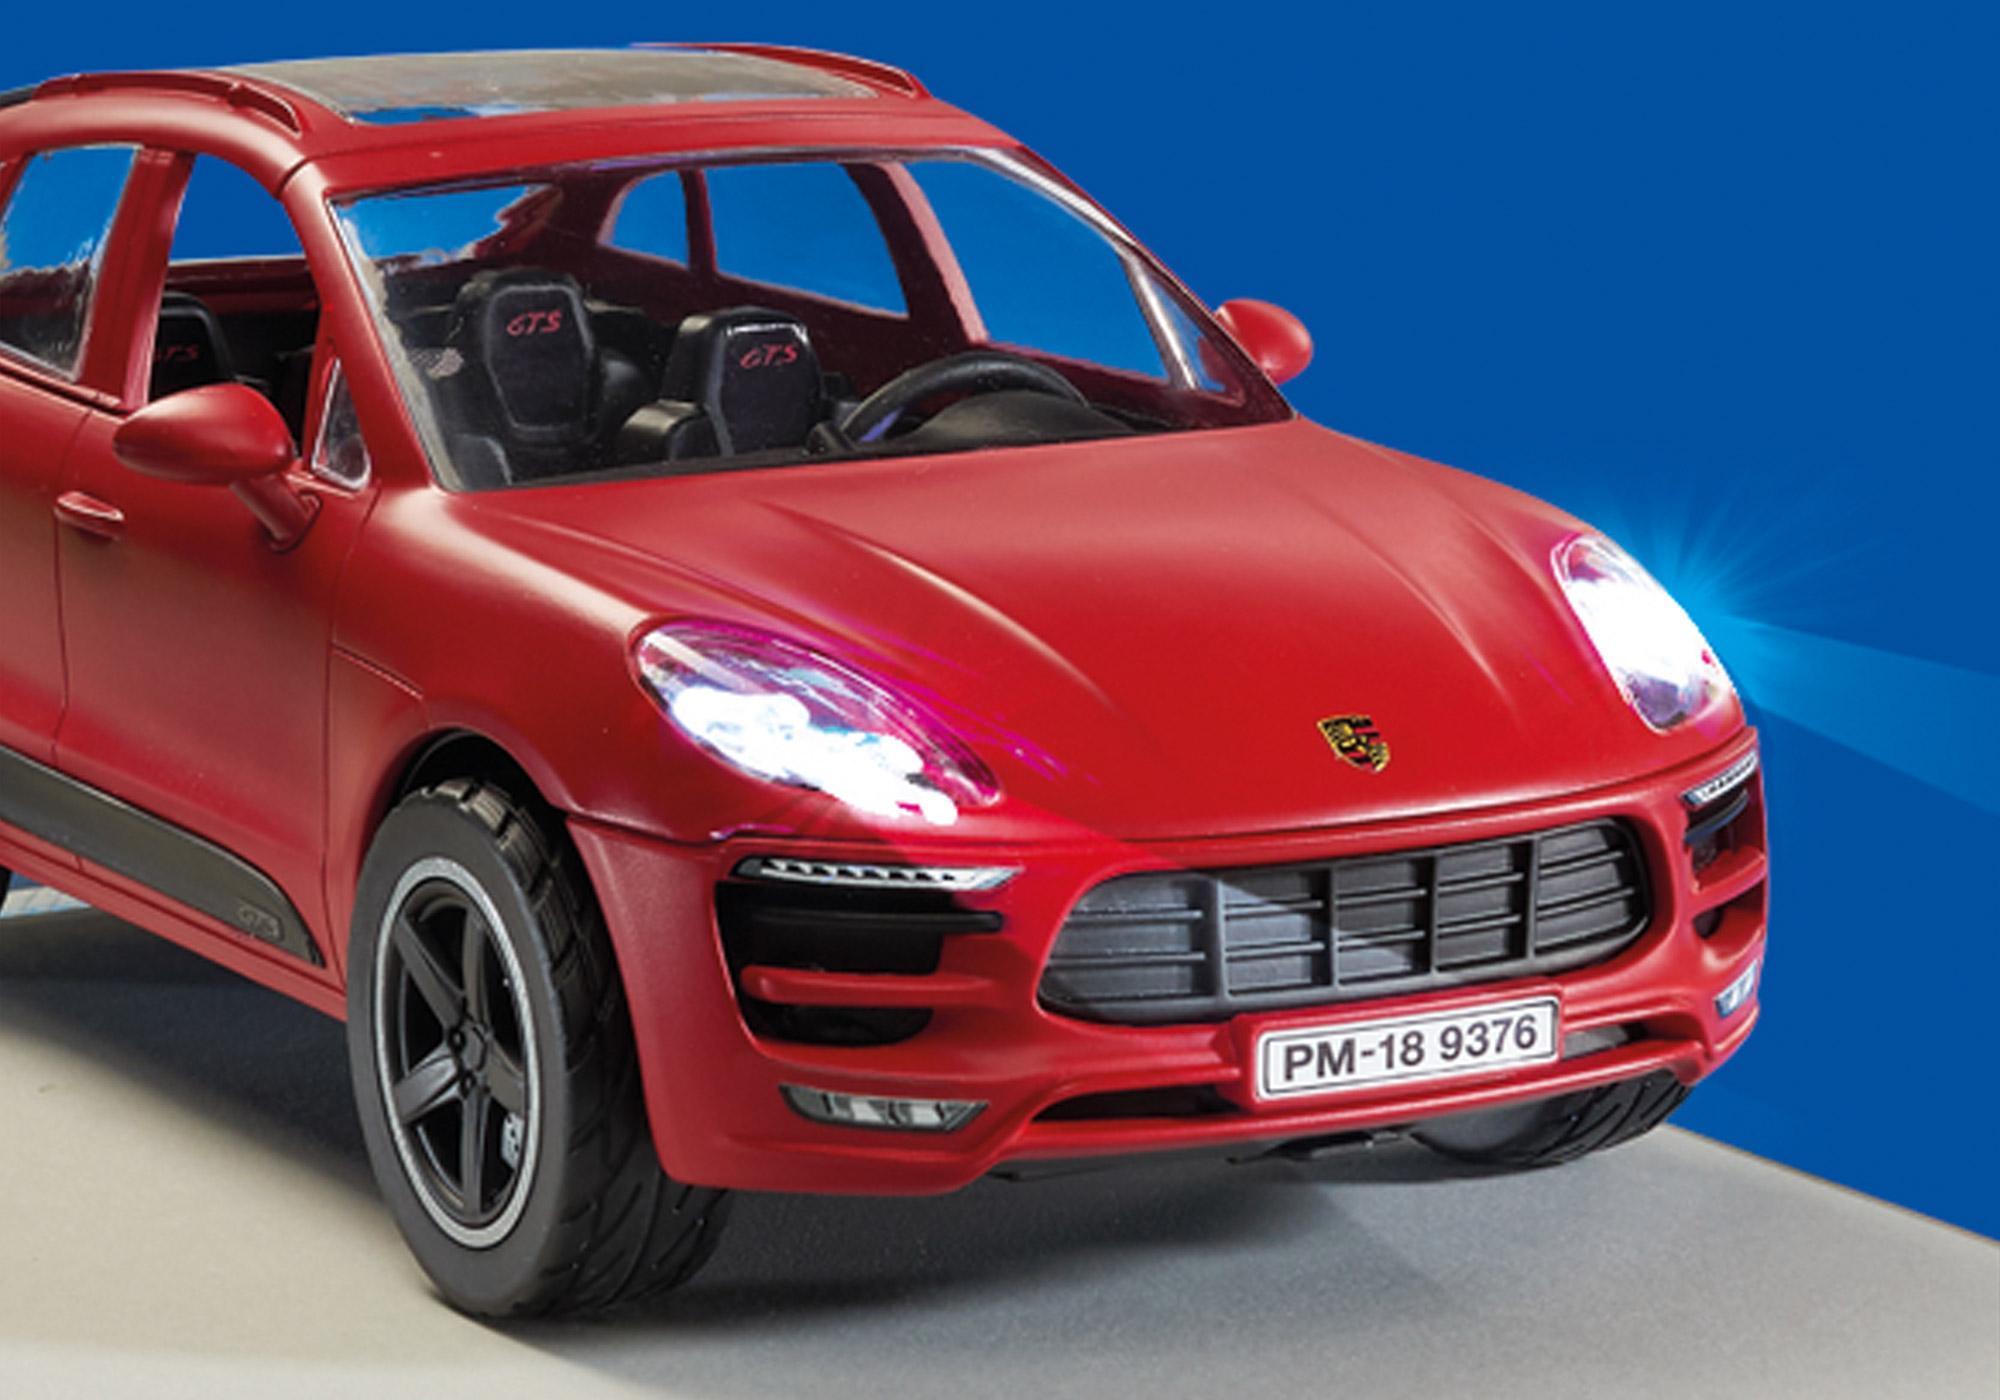 Porsche%20Macan%20GTS?locale=fr-FR,fr,*&